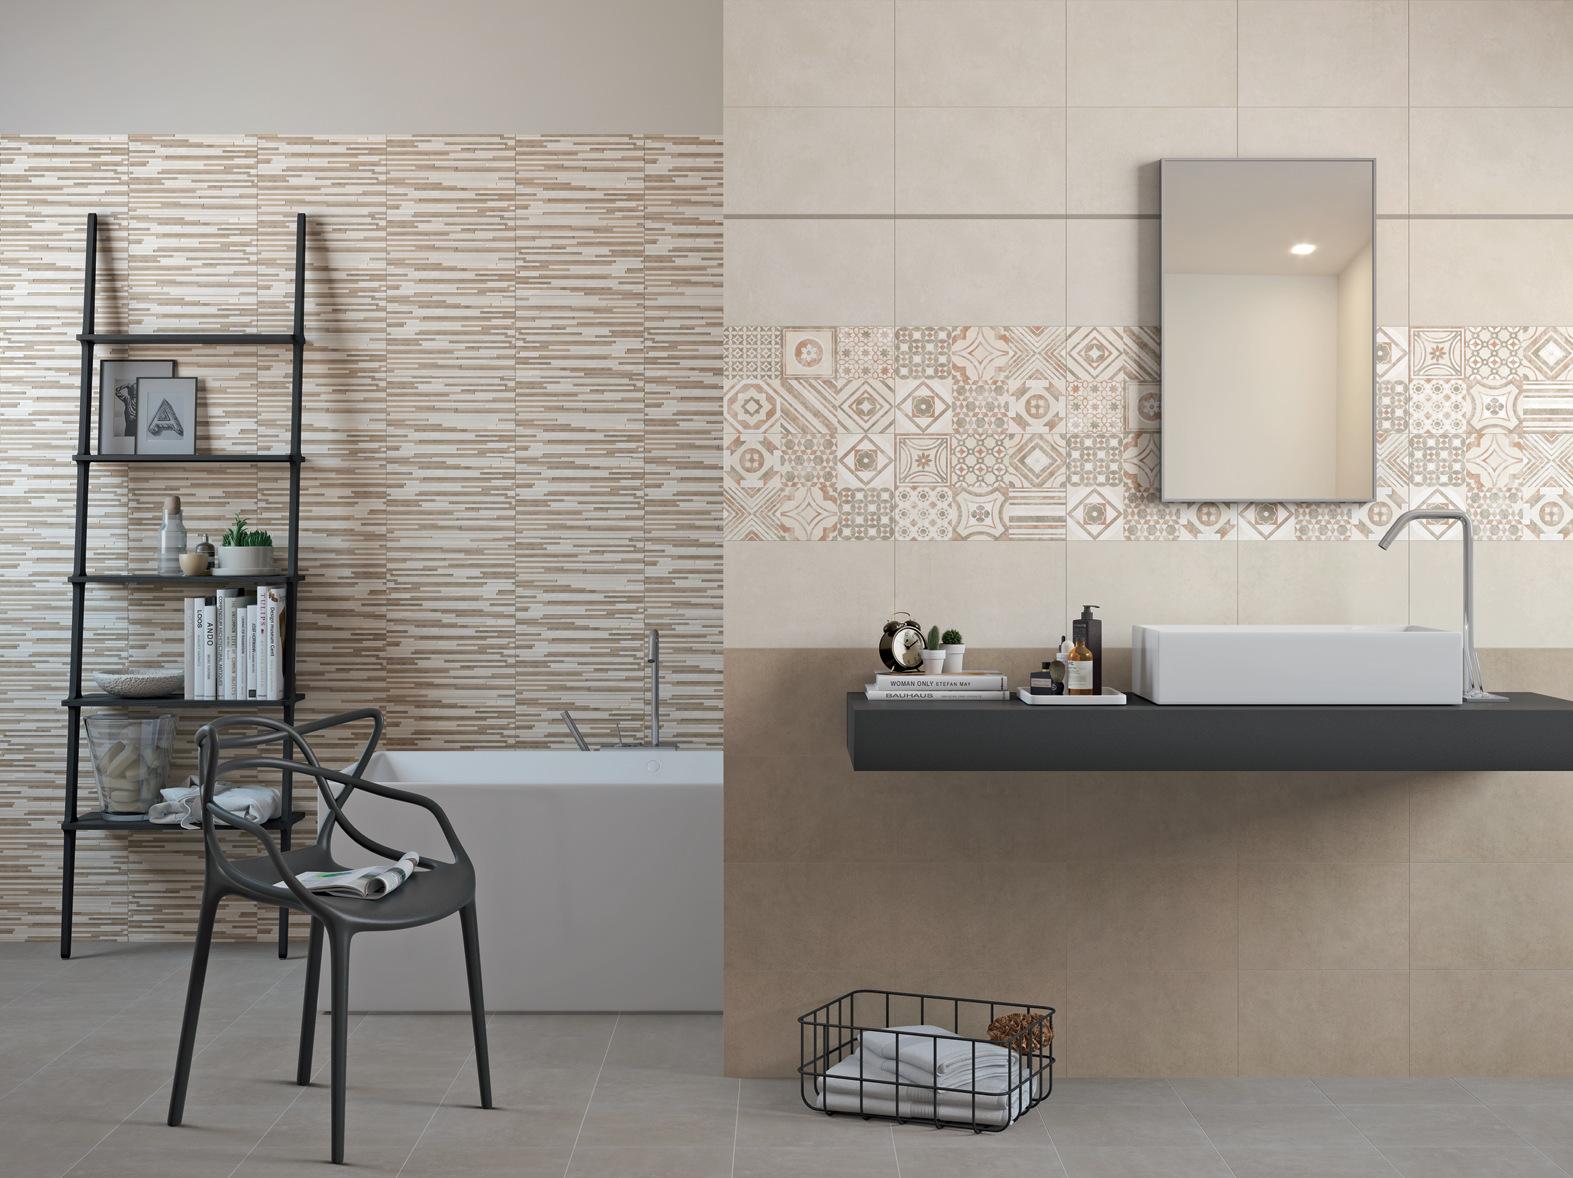 Serie newport pavimenti e rivestimenti moda - Rivestimenti piastrelle bagno ...